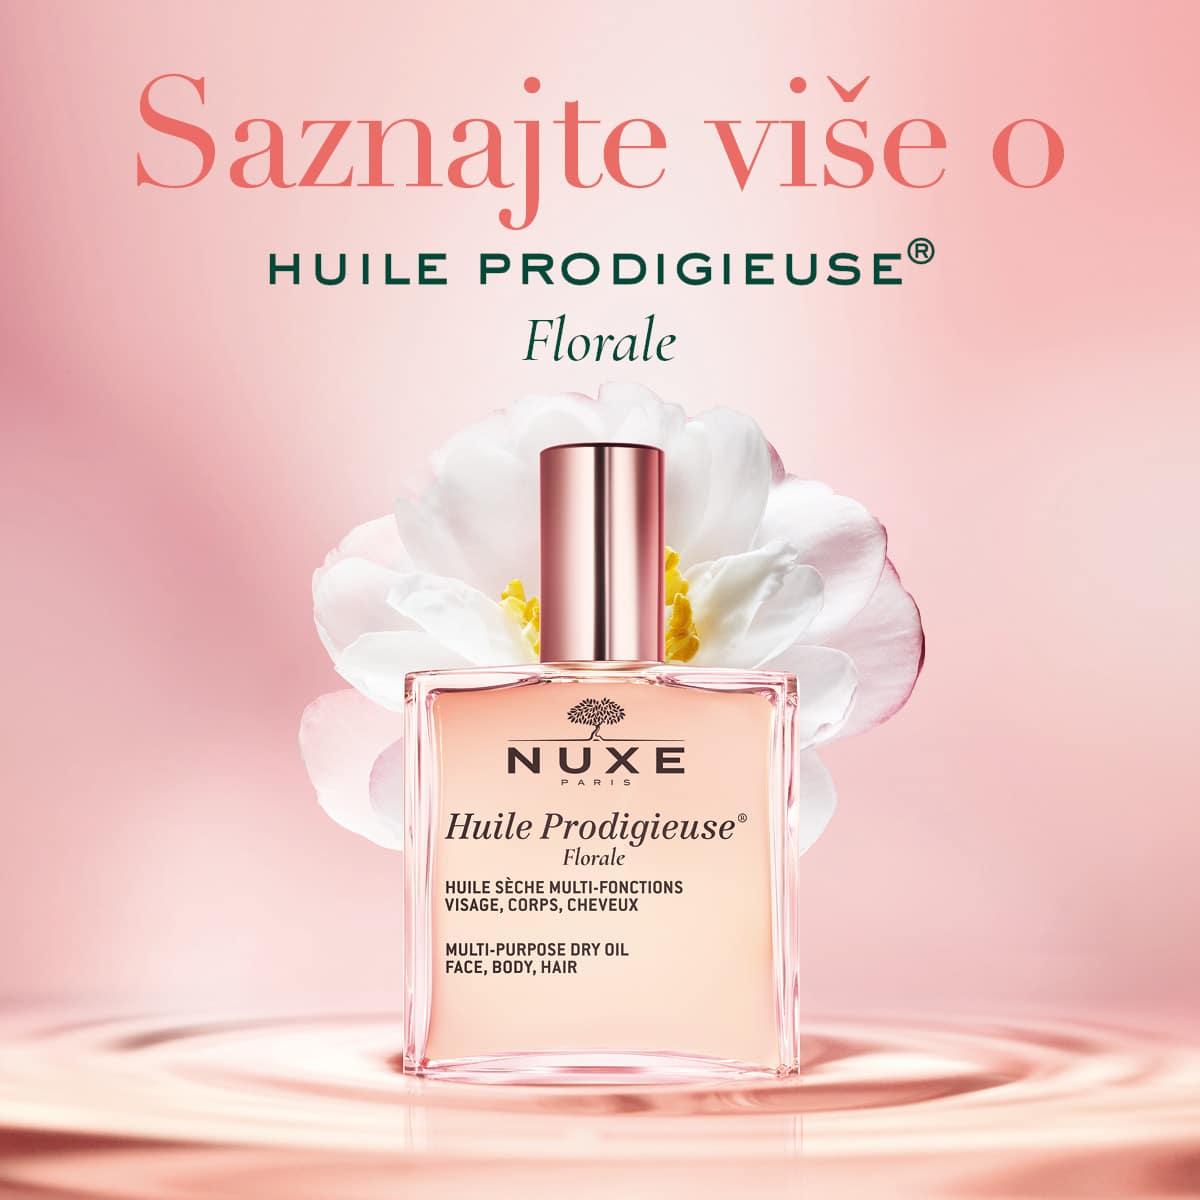 Saznajte više o Huile Prodigieuse® Florale